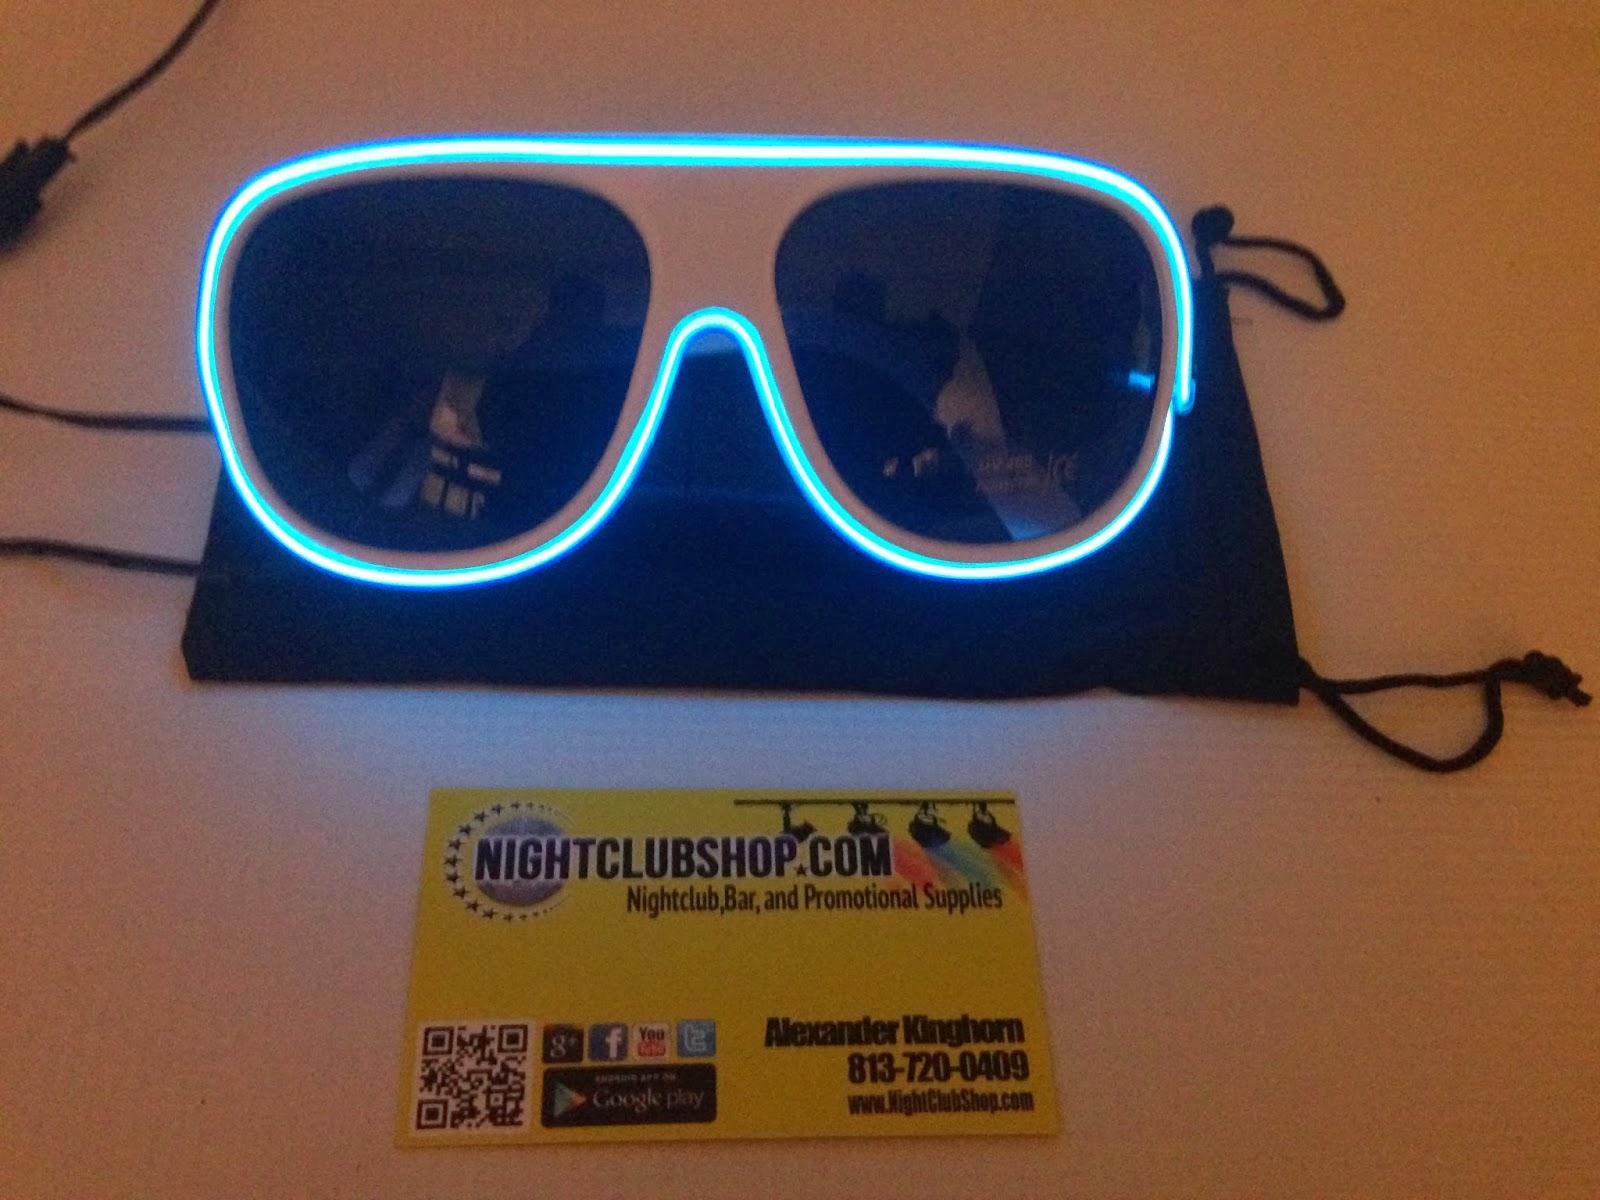 ae4222a6c58cc NEW LED AVIATOR SUN GLASSES Are IN! LED Light Up Illuminated Sun Glasses